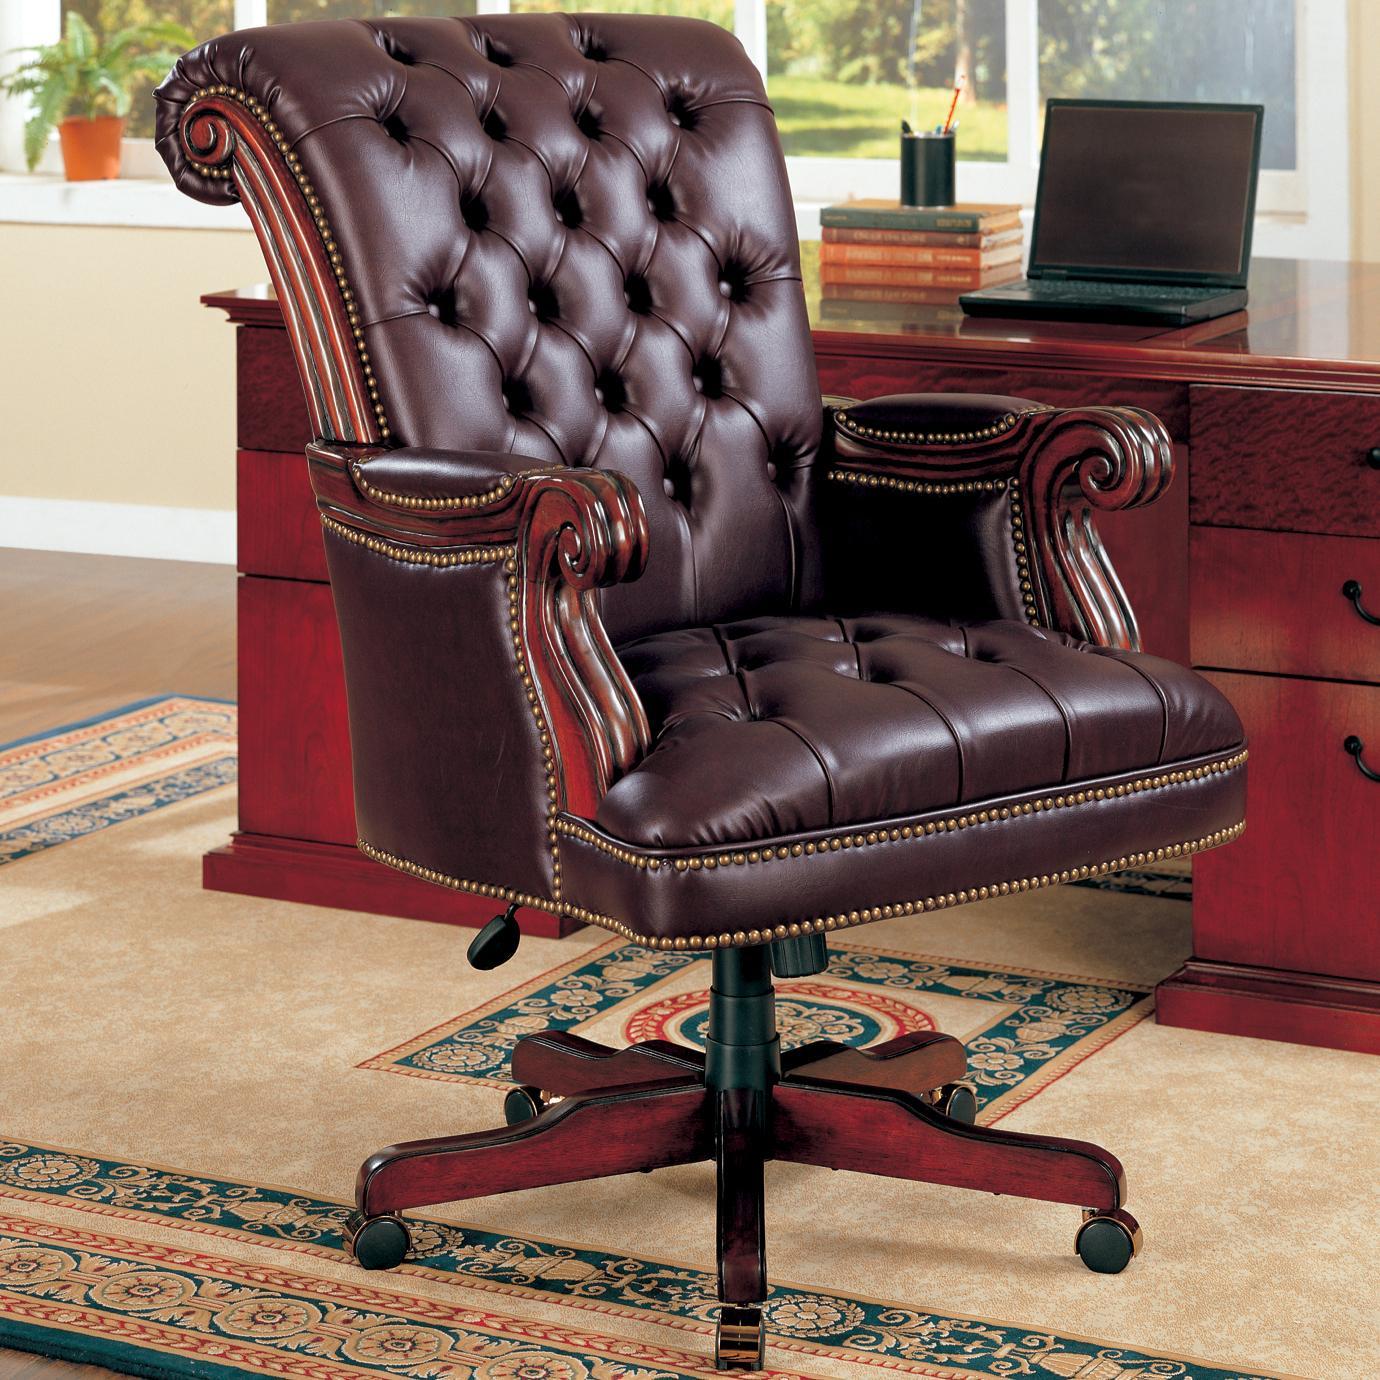 Exceptional Decorative Desk Chair. Euro Office Chair Decorative Desk L